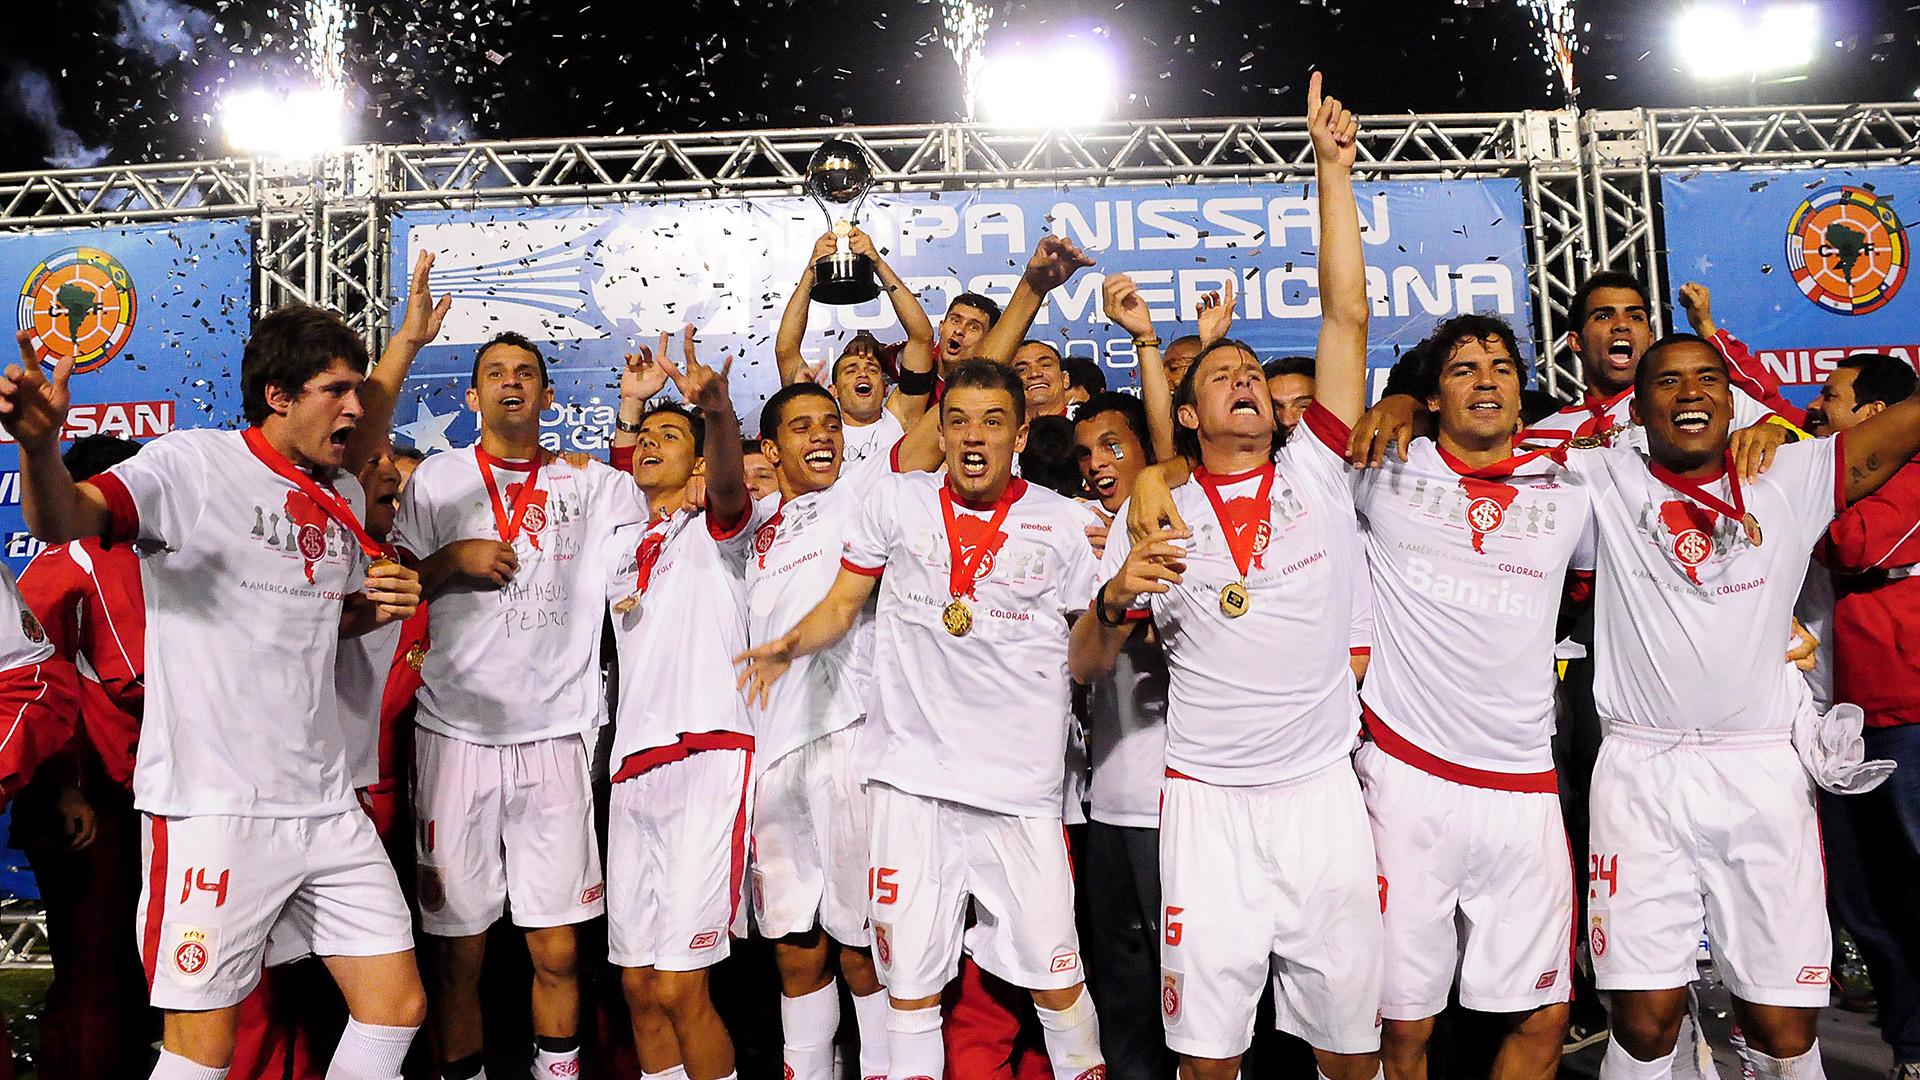 D'alessandro Internacional Campeão Sudamericana 2008